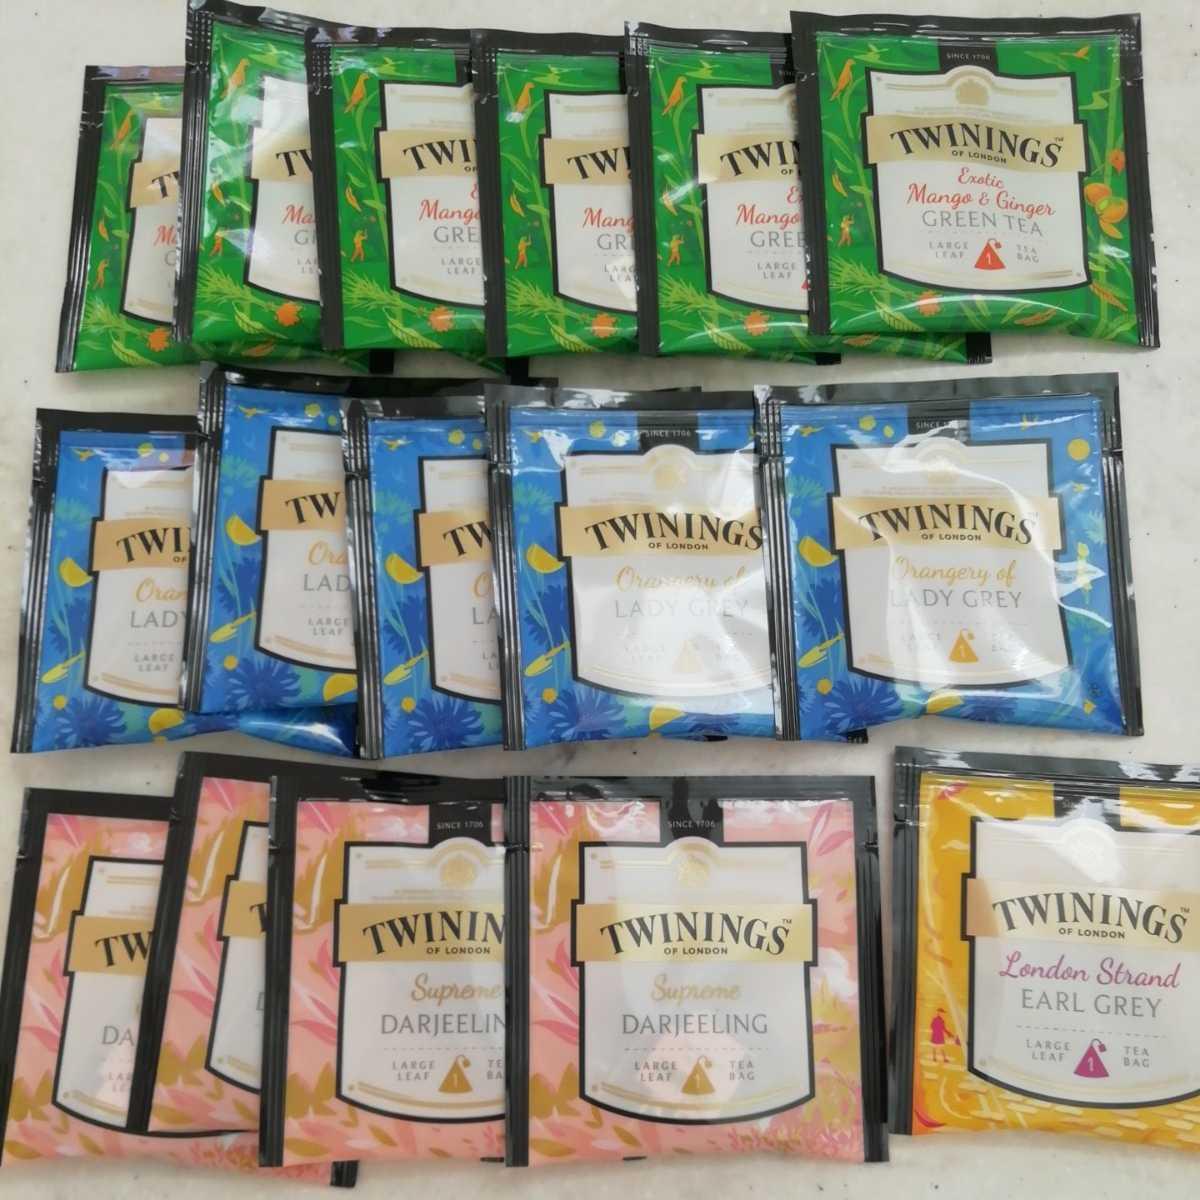 TWINNINGS トワイニング ティーバッグ 16袋 新品未開封 紅茶 ラージリーフ アールグレイ レディグレイ ダージリン